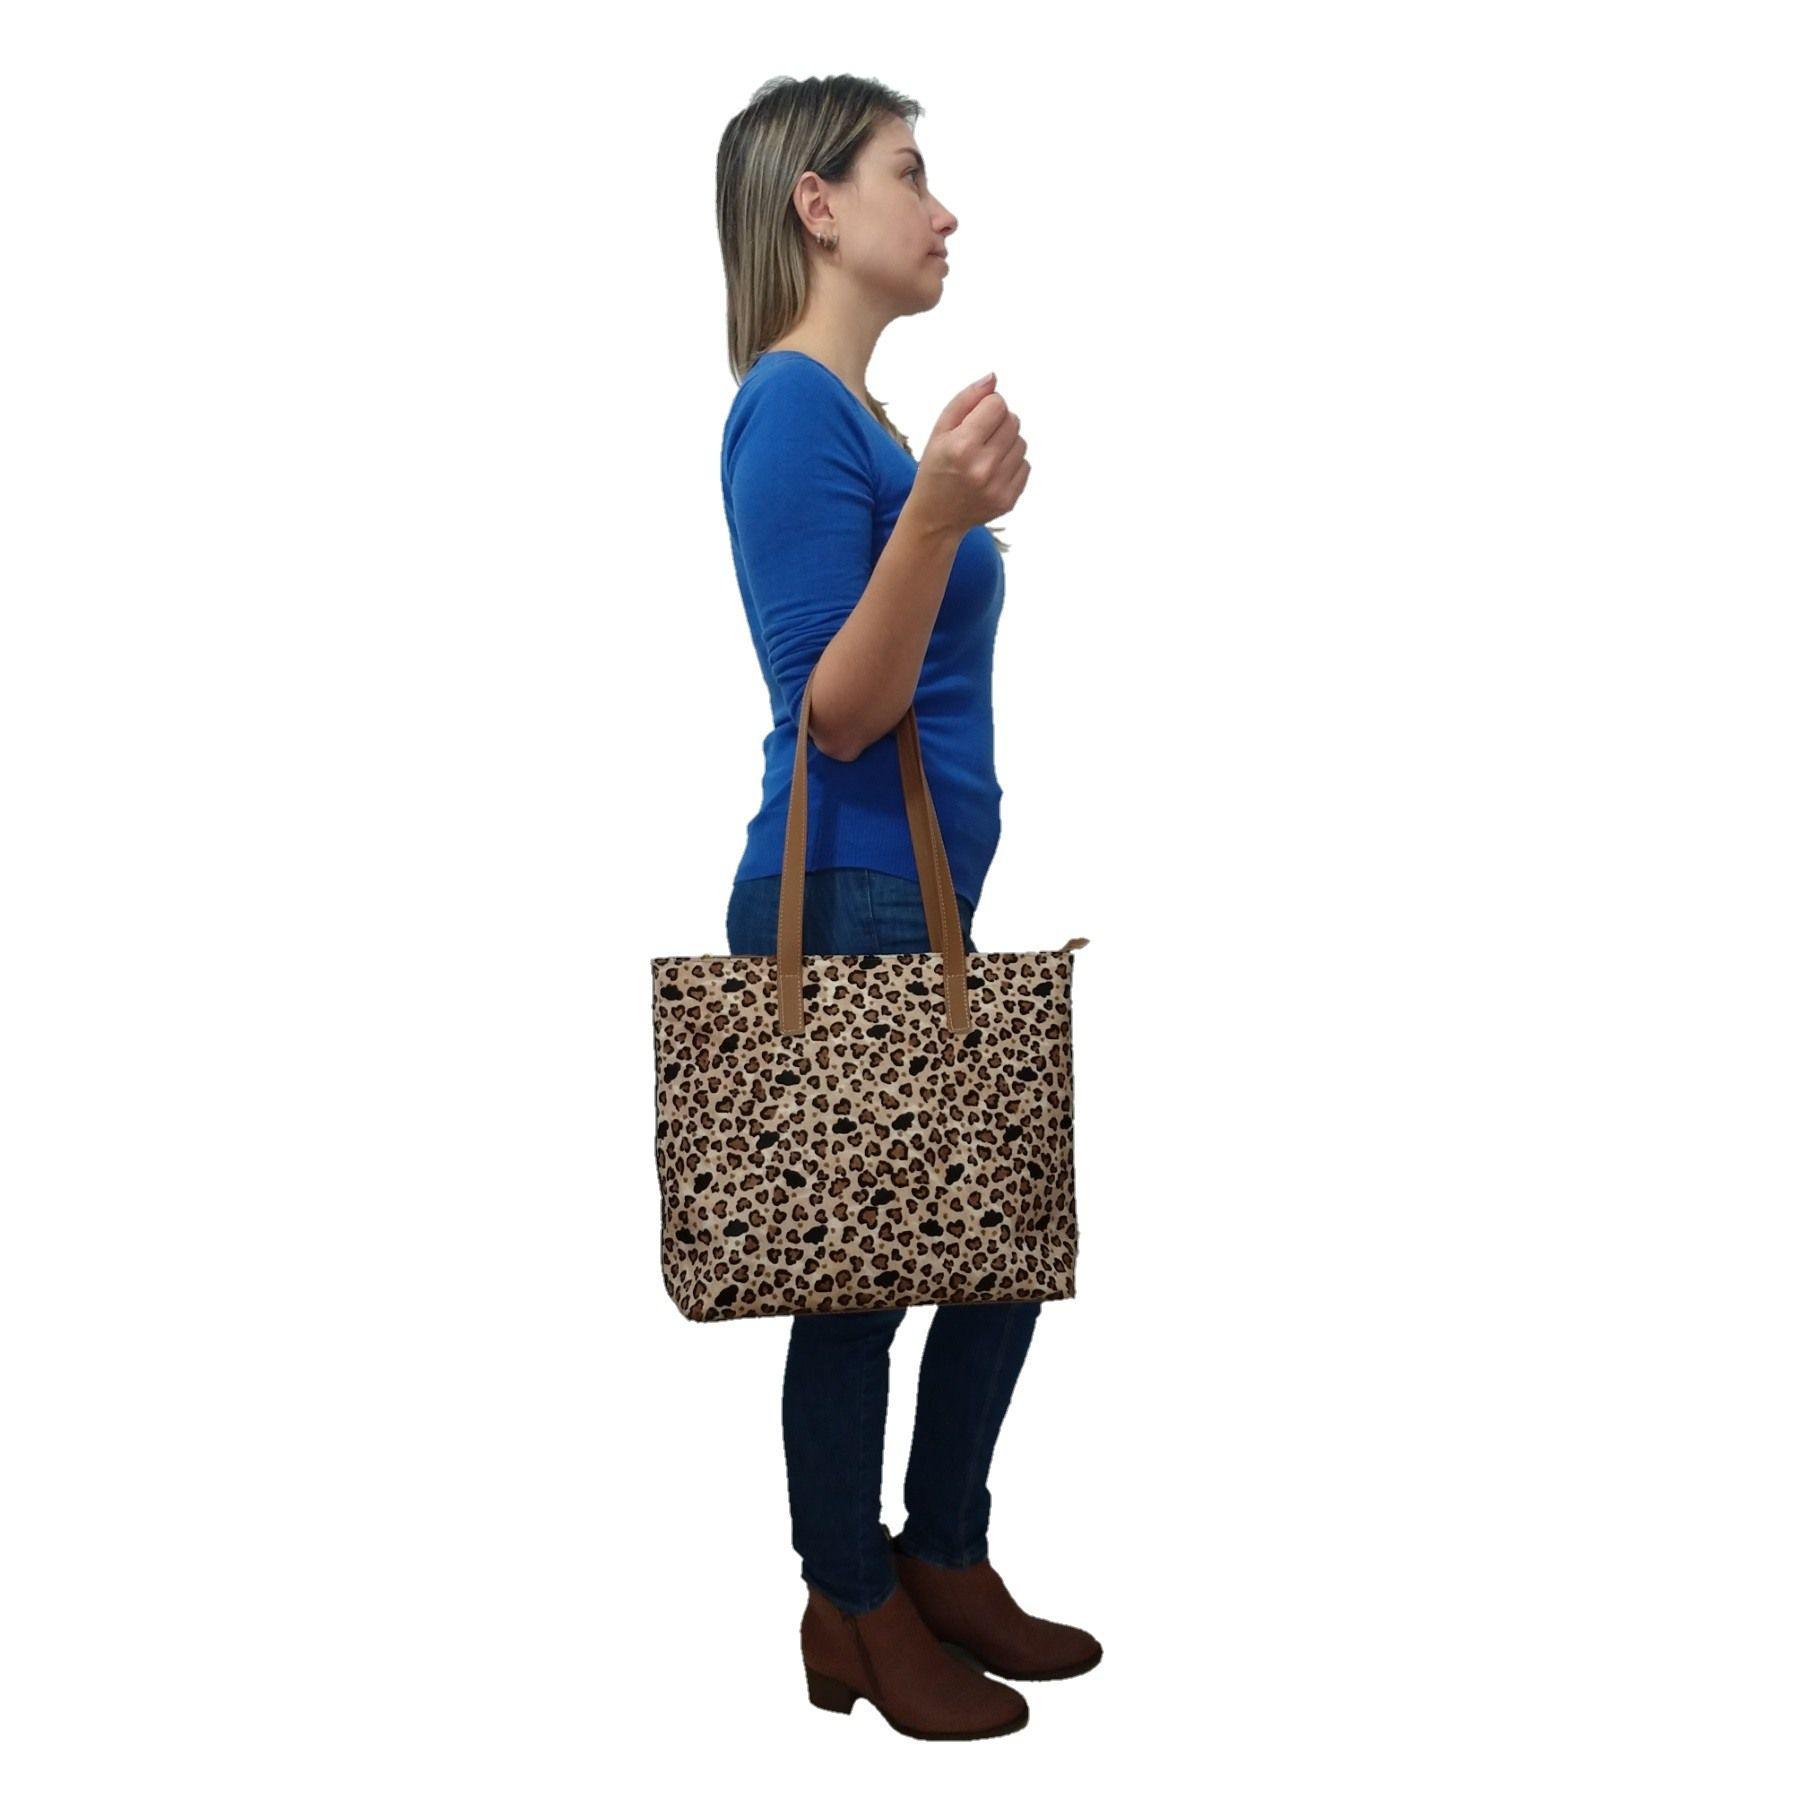 Bolsa Sacola TopGrife Shopper Couro Pelo Onça  - SAPATOWEB.COM